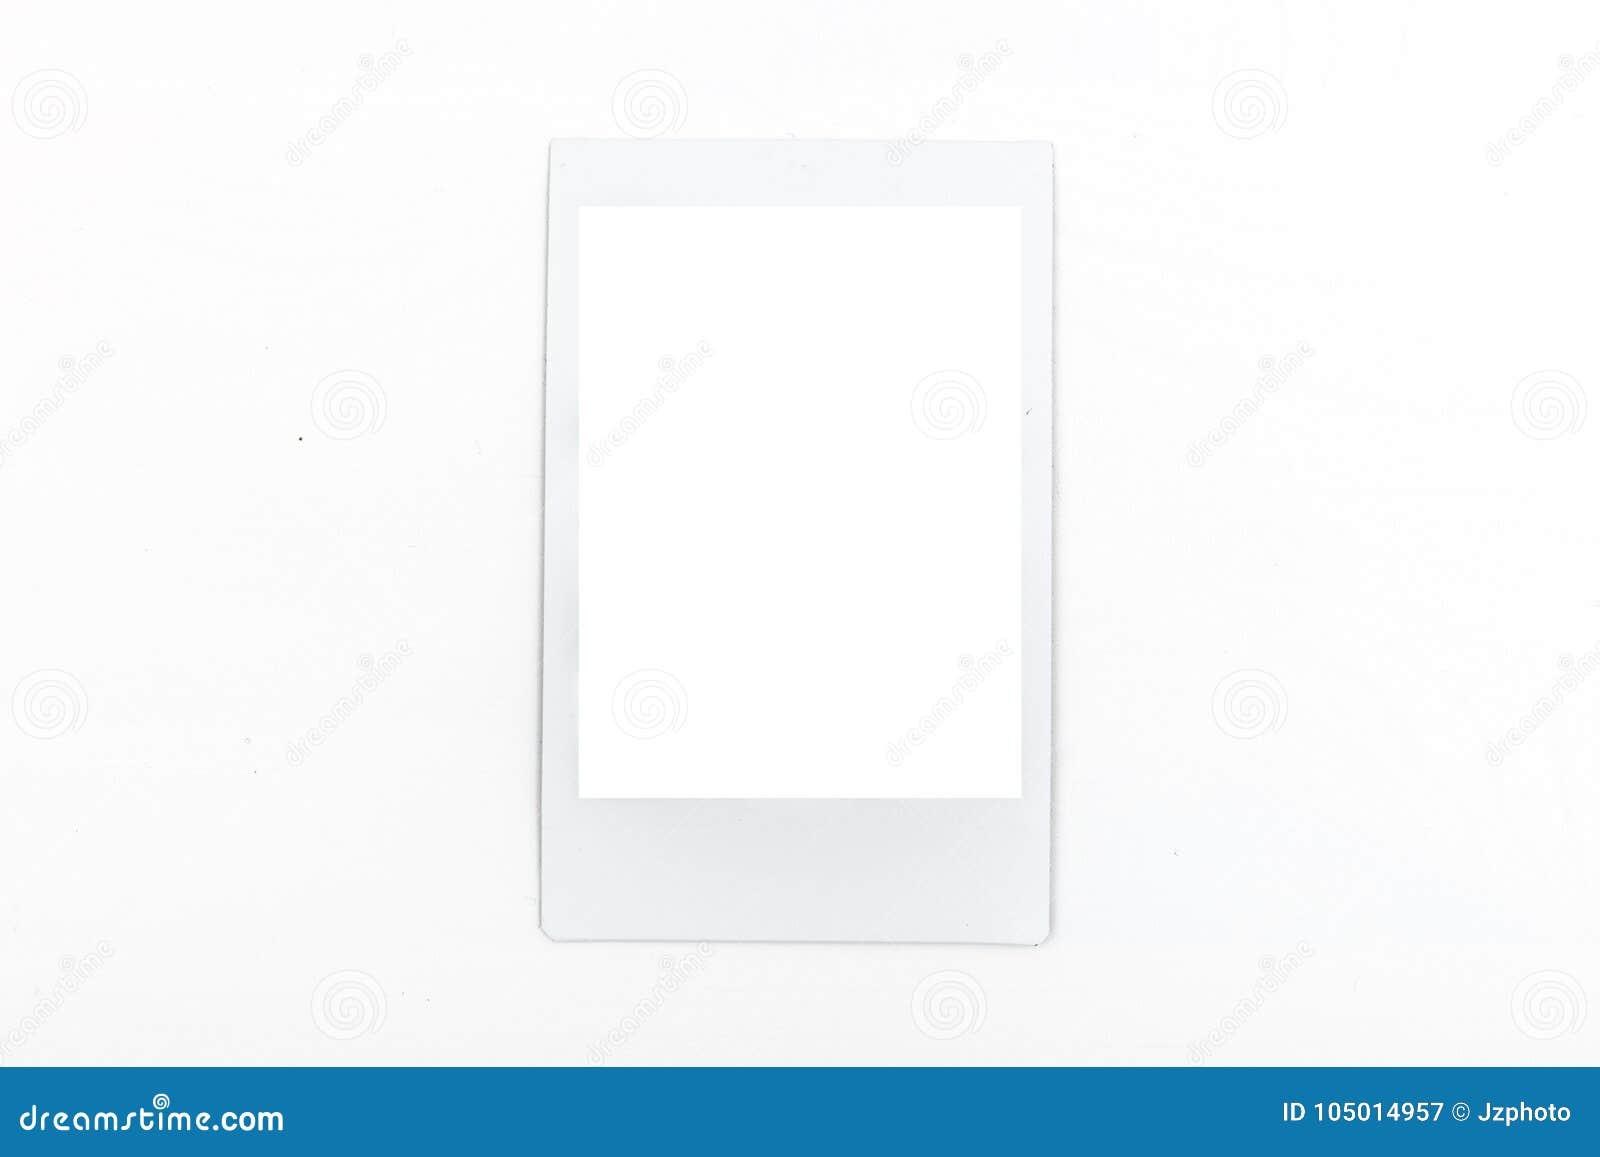 White Polaroid Mockup Frame On White Background Stock Image - Image ...